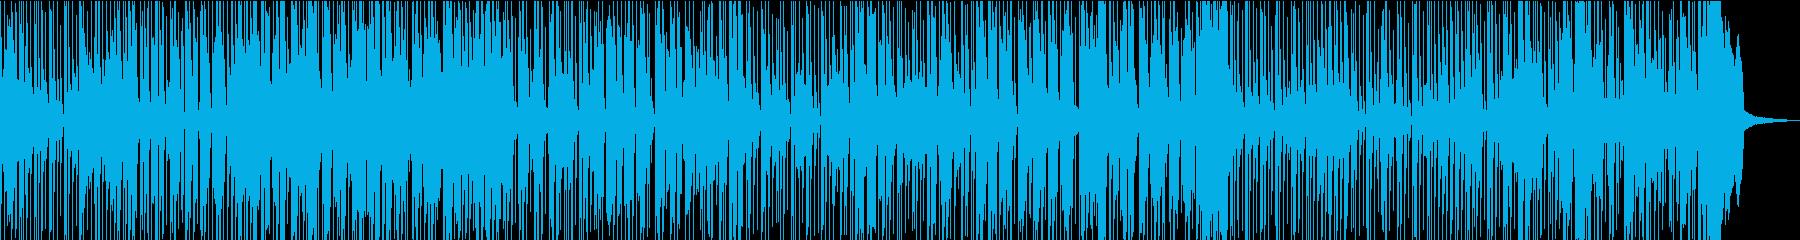 スローからミディアムのゆったりとし...の再生済みの波形